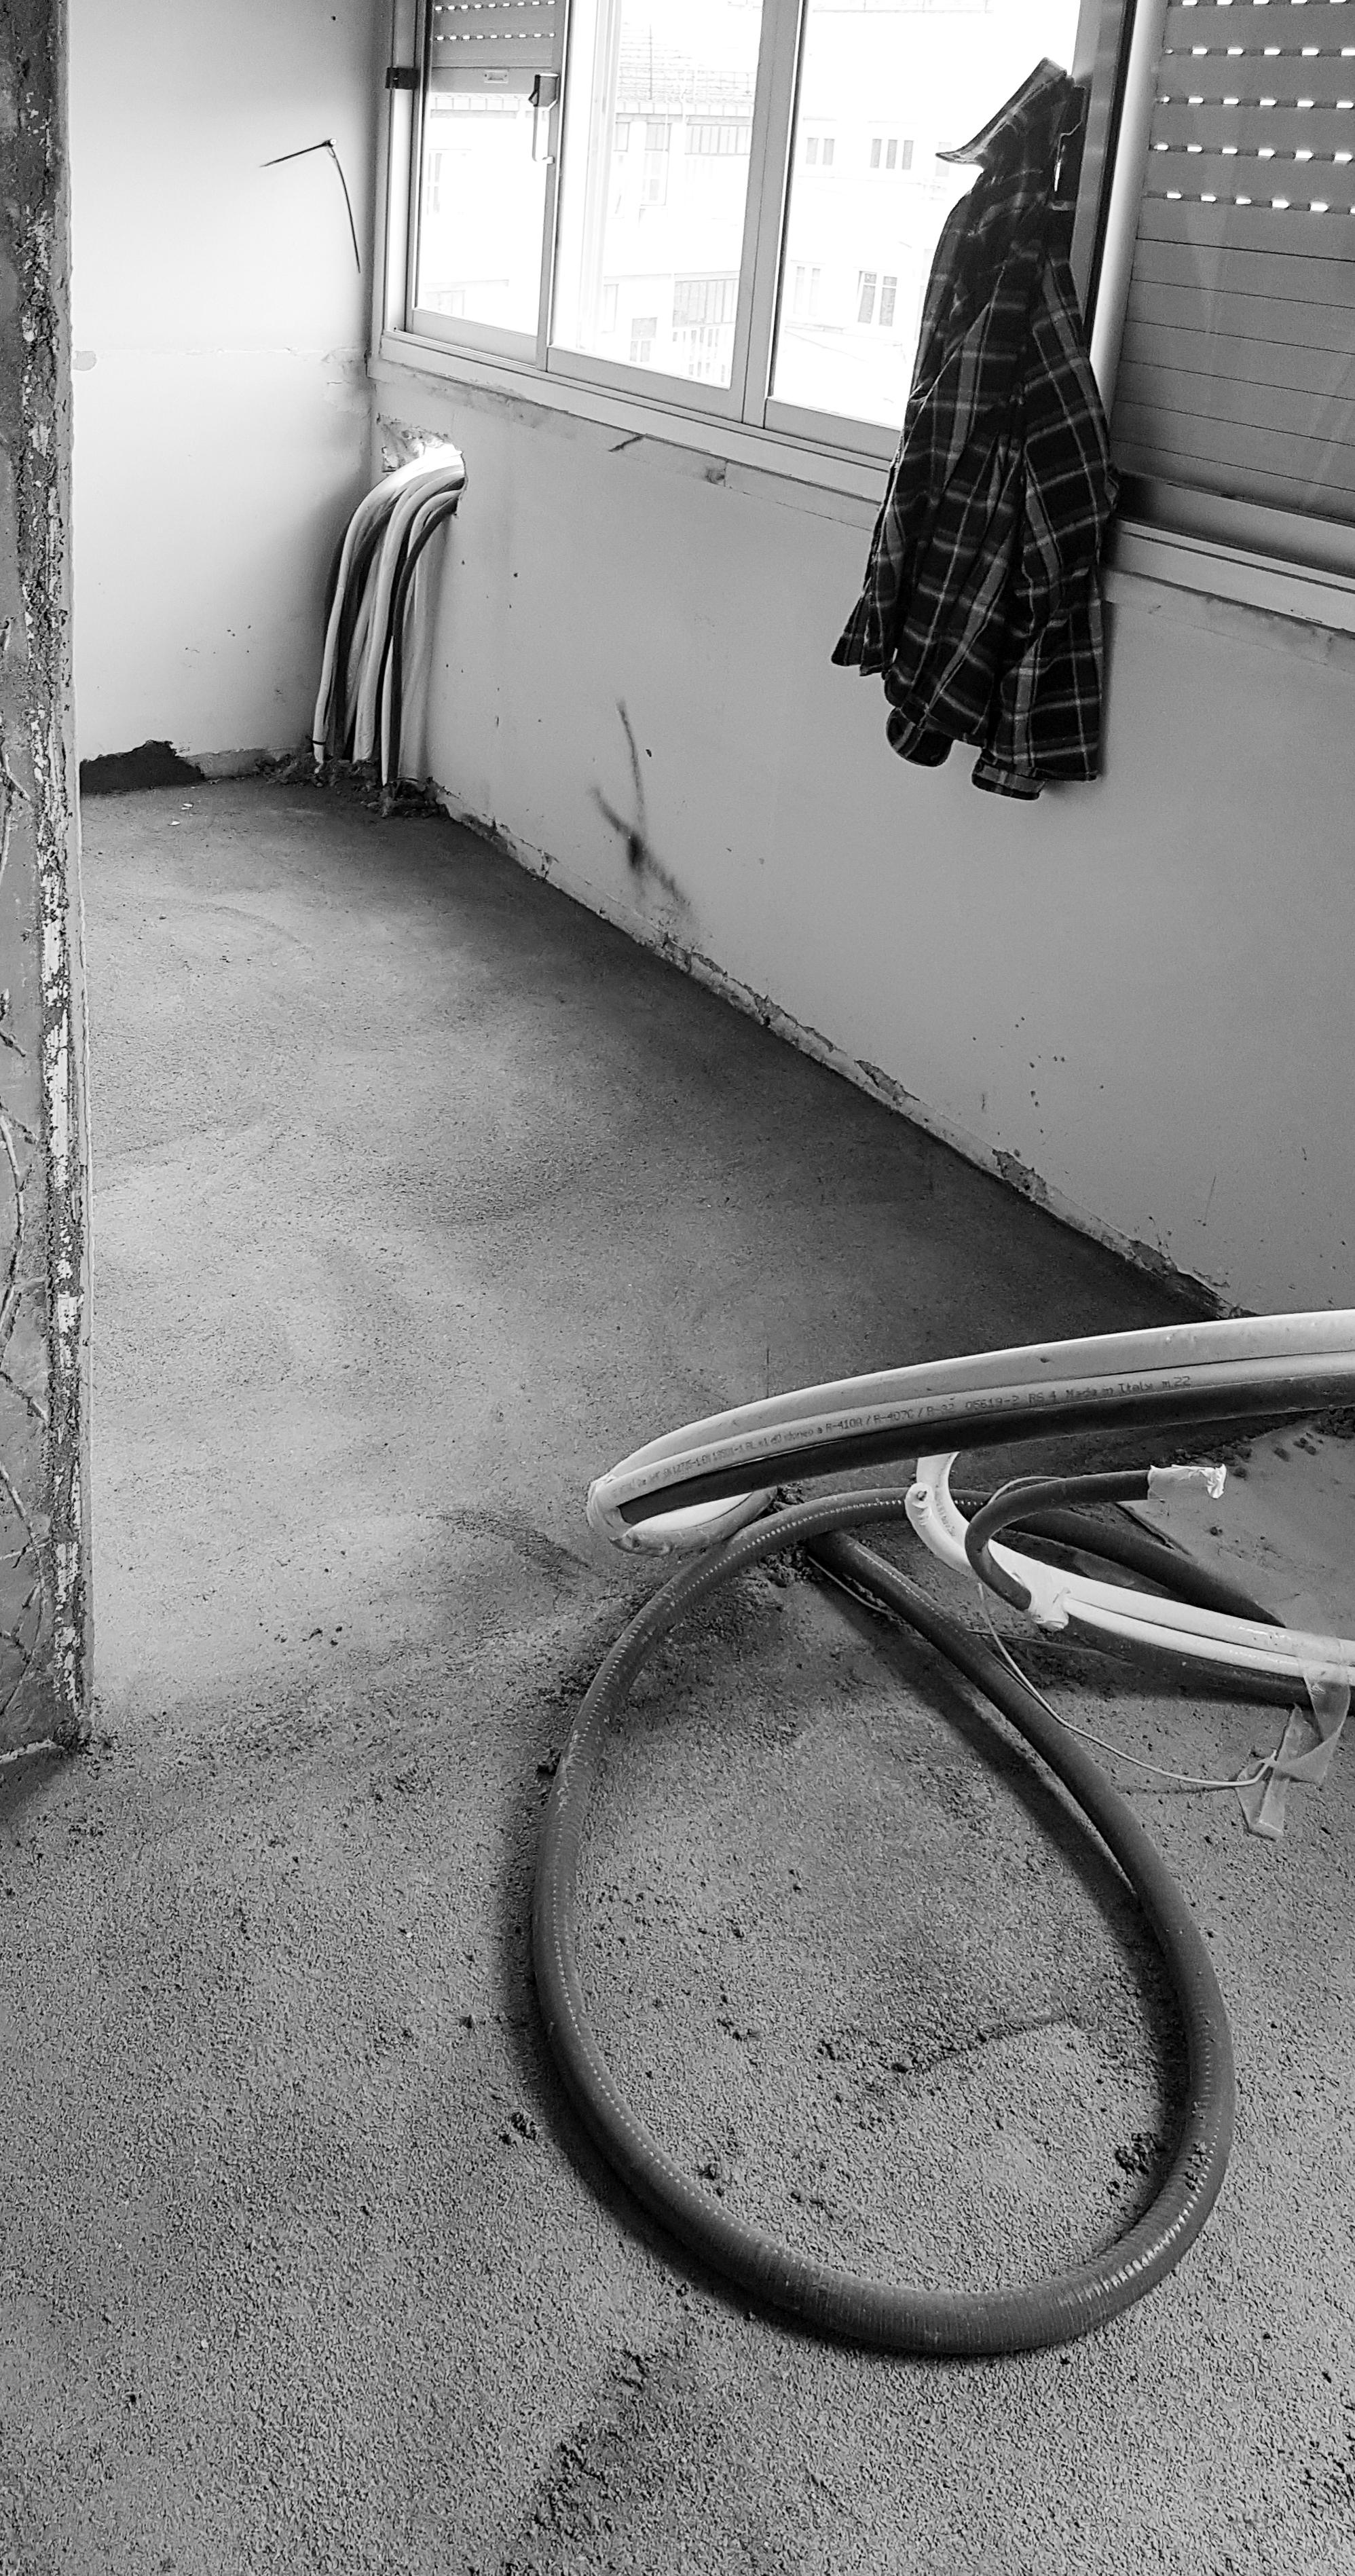 Apartamento Alcântara - Lisboa - EVA evolutionary architecture - EVA atelier - arquitectura - remodelação (20).jpg